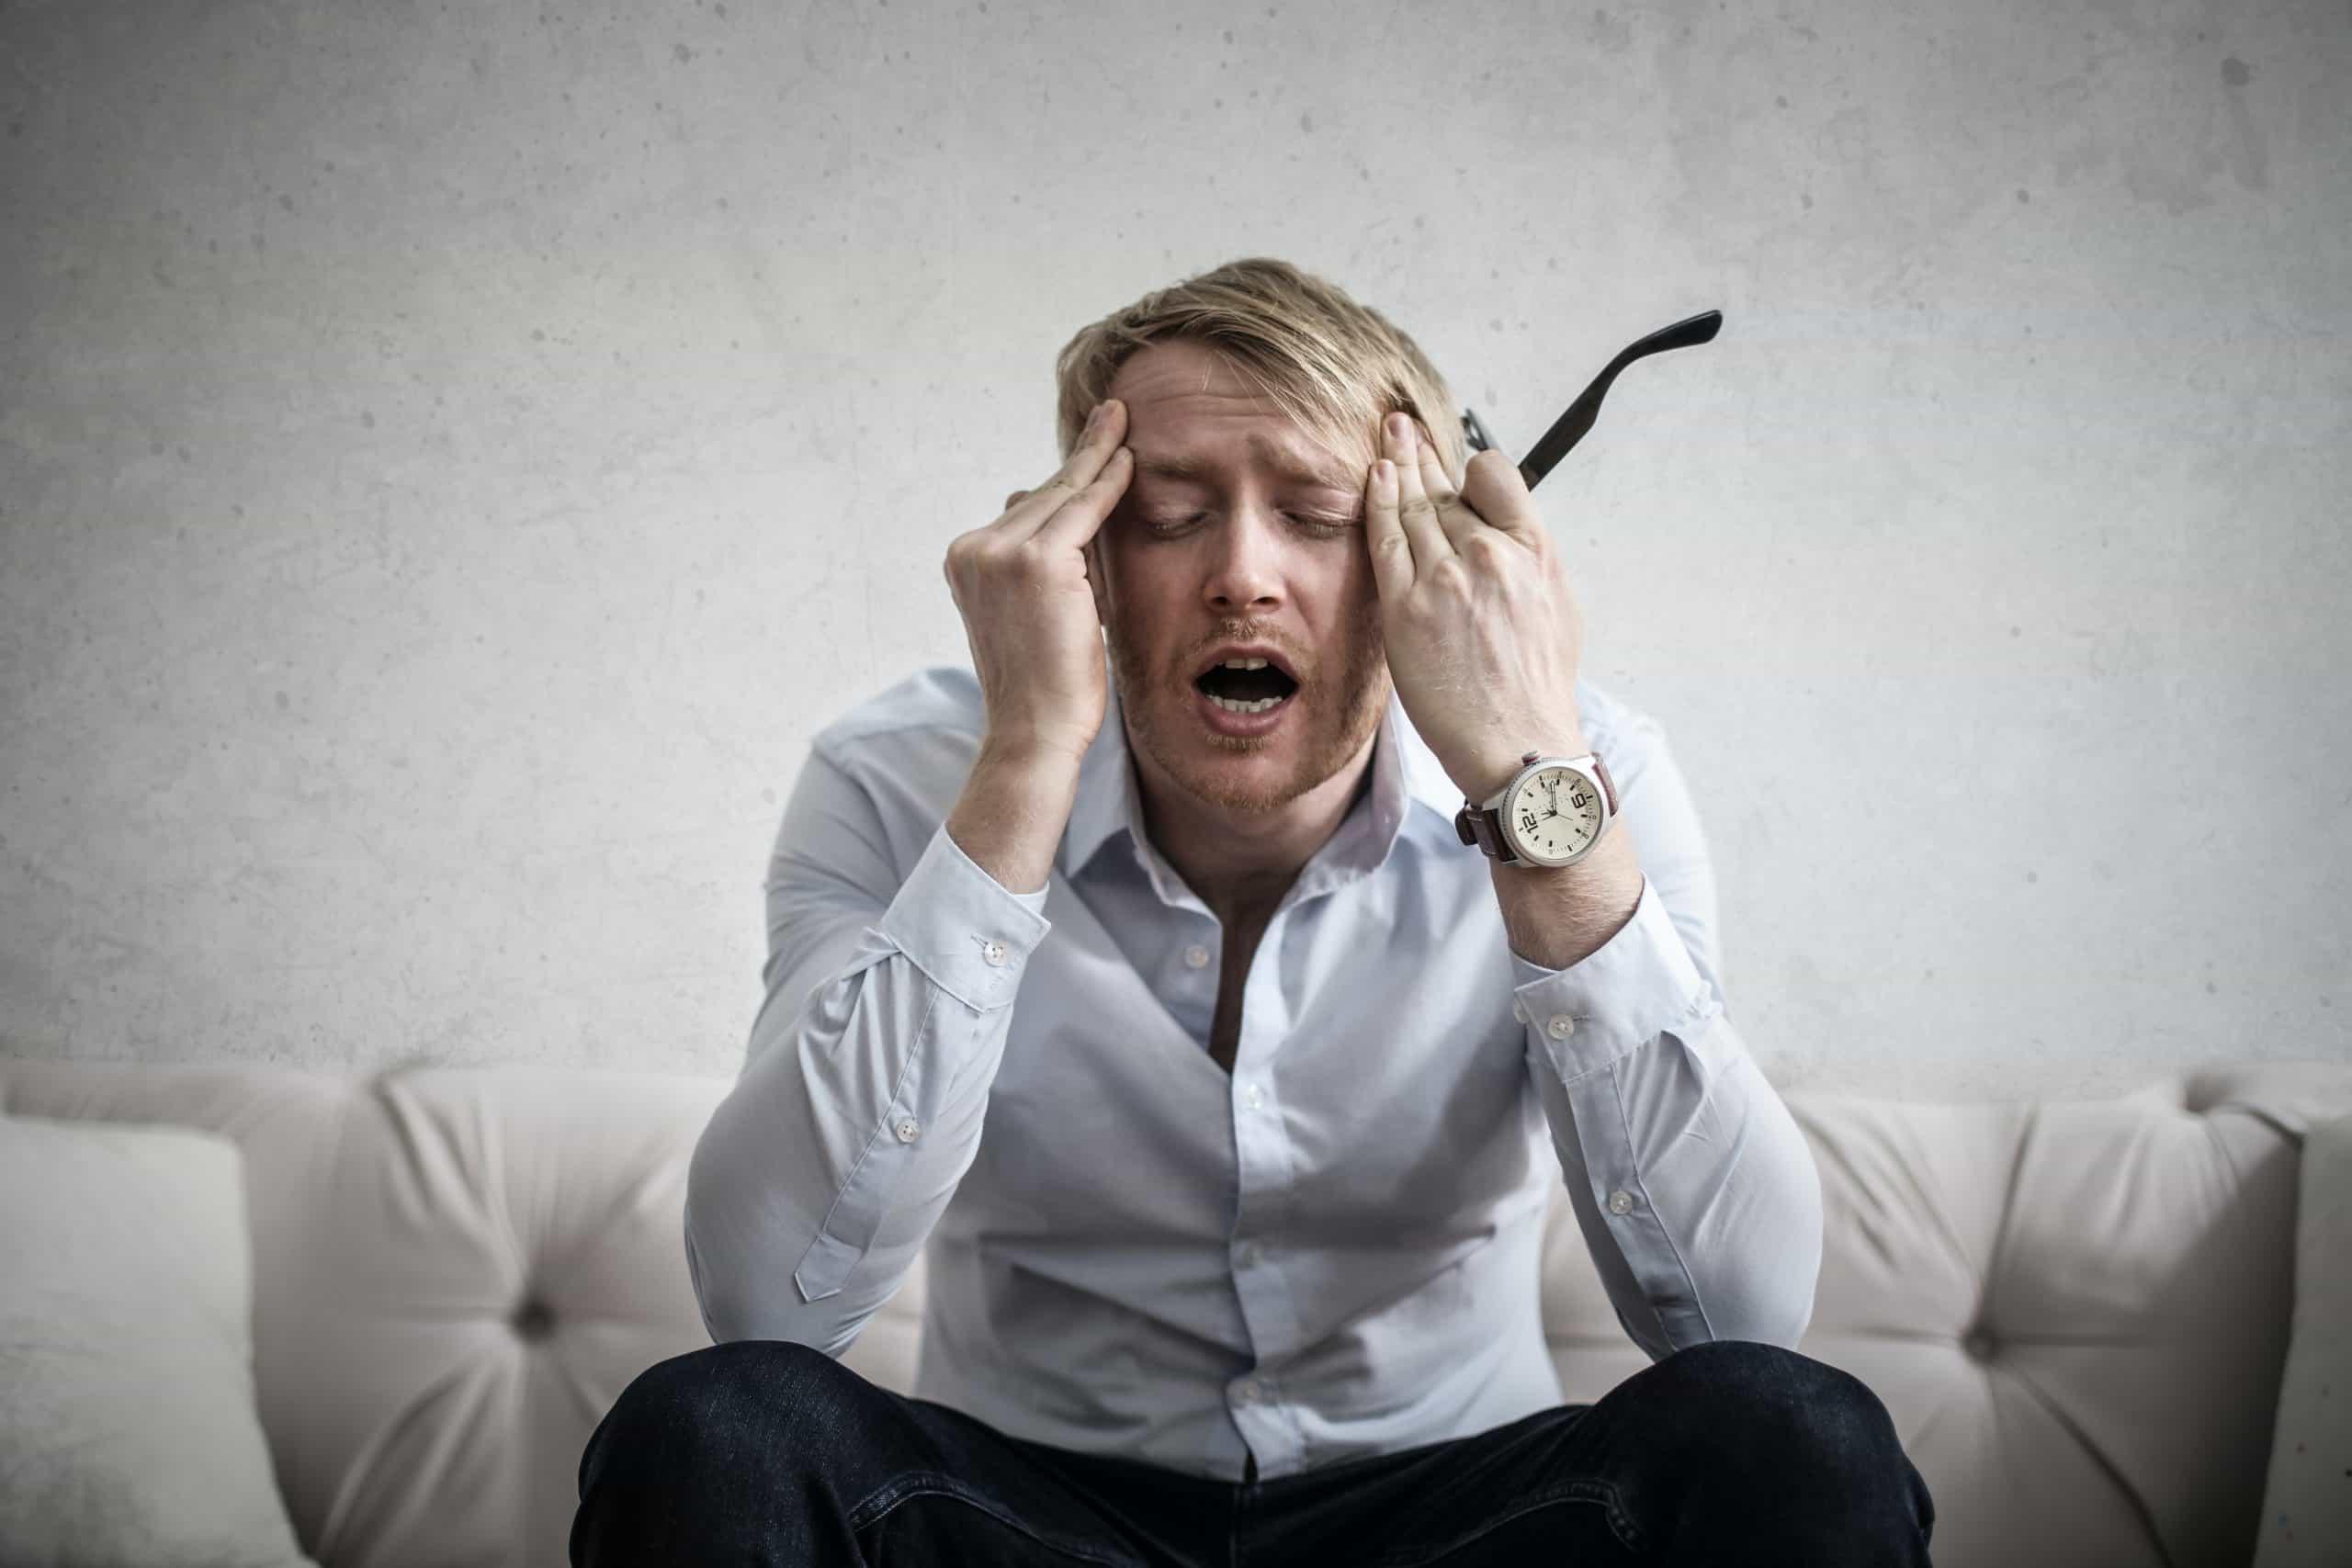 symptoms of a migraine attack